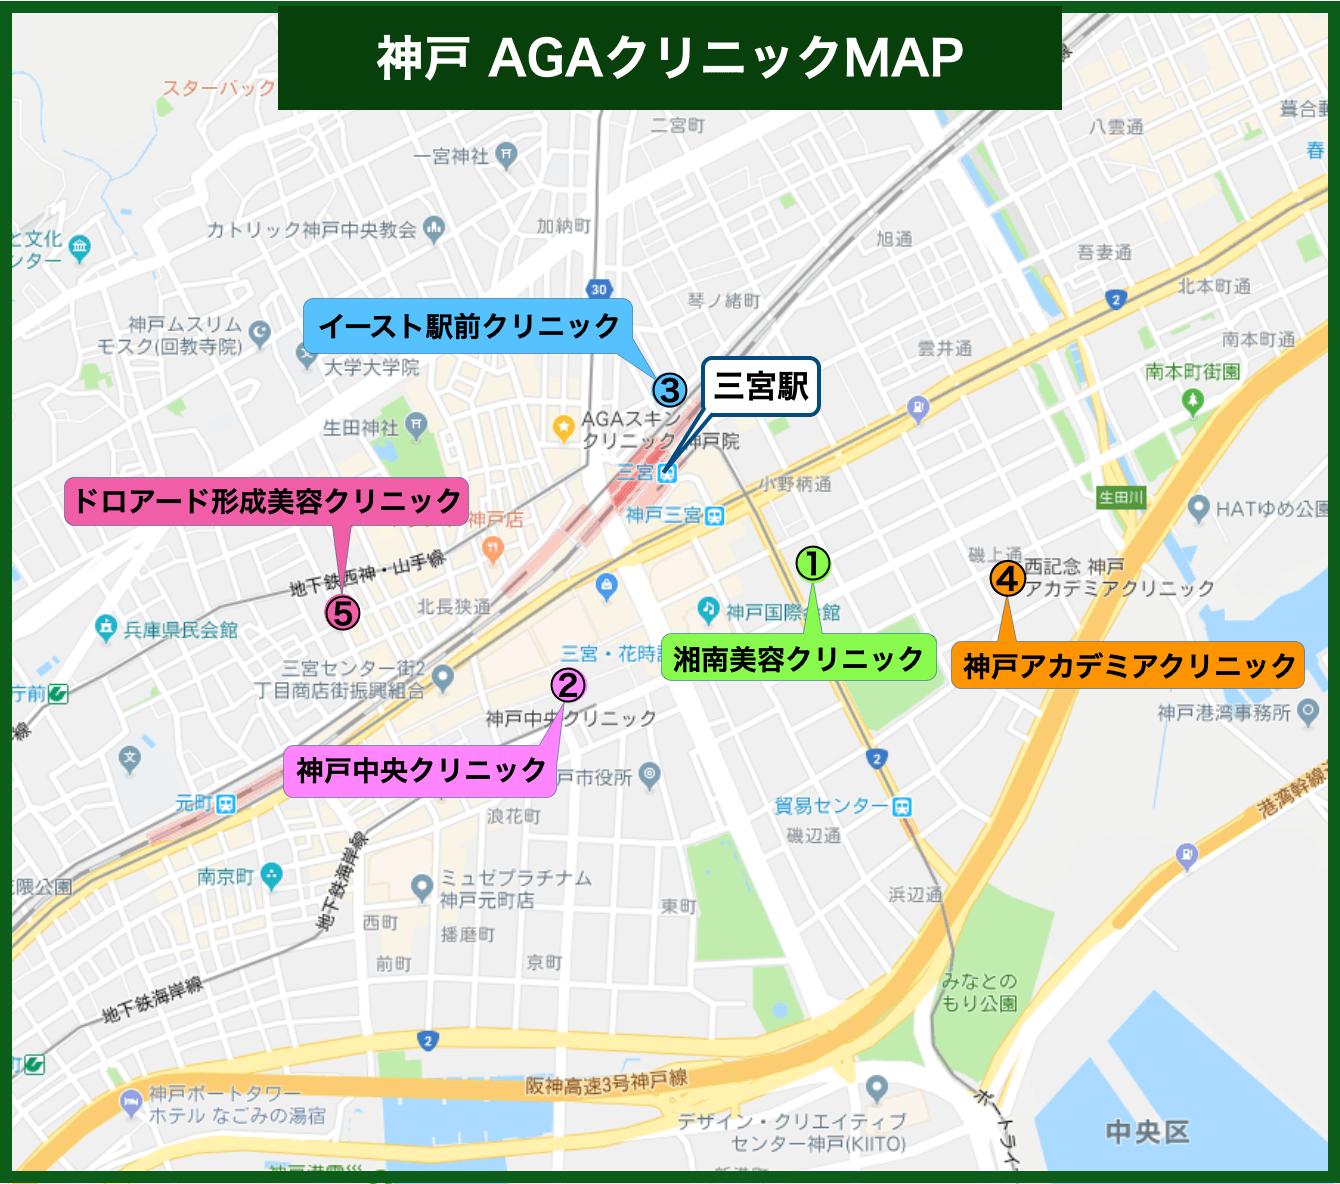 神戸 AGAクリニックMAP